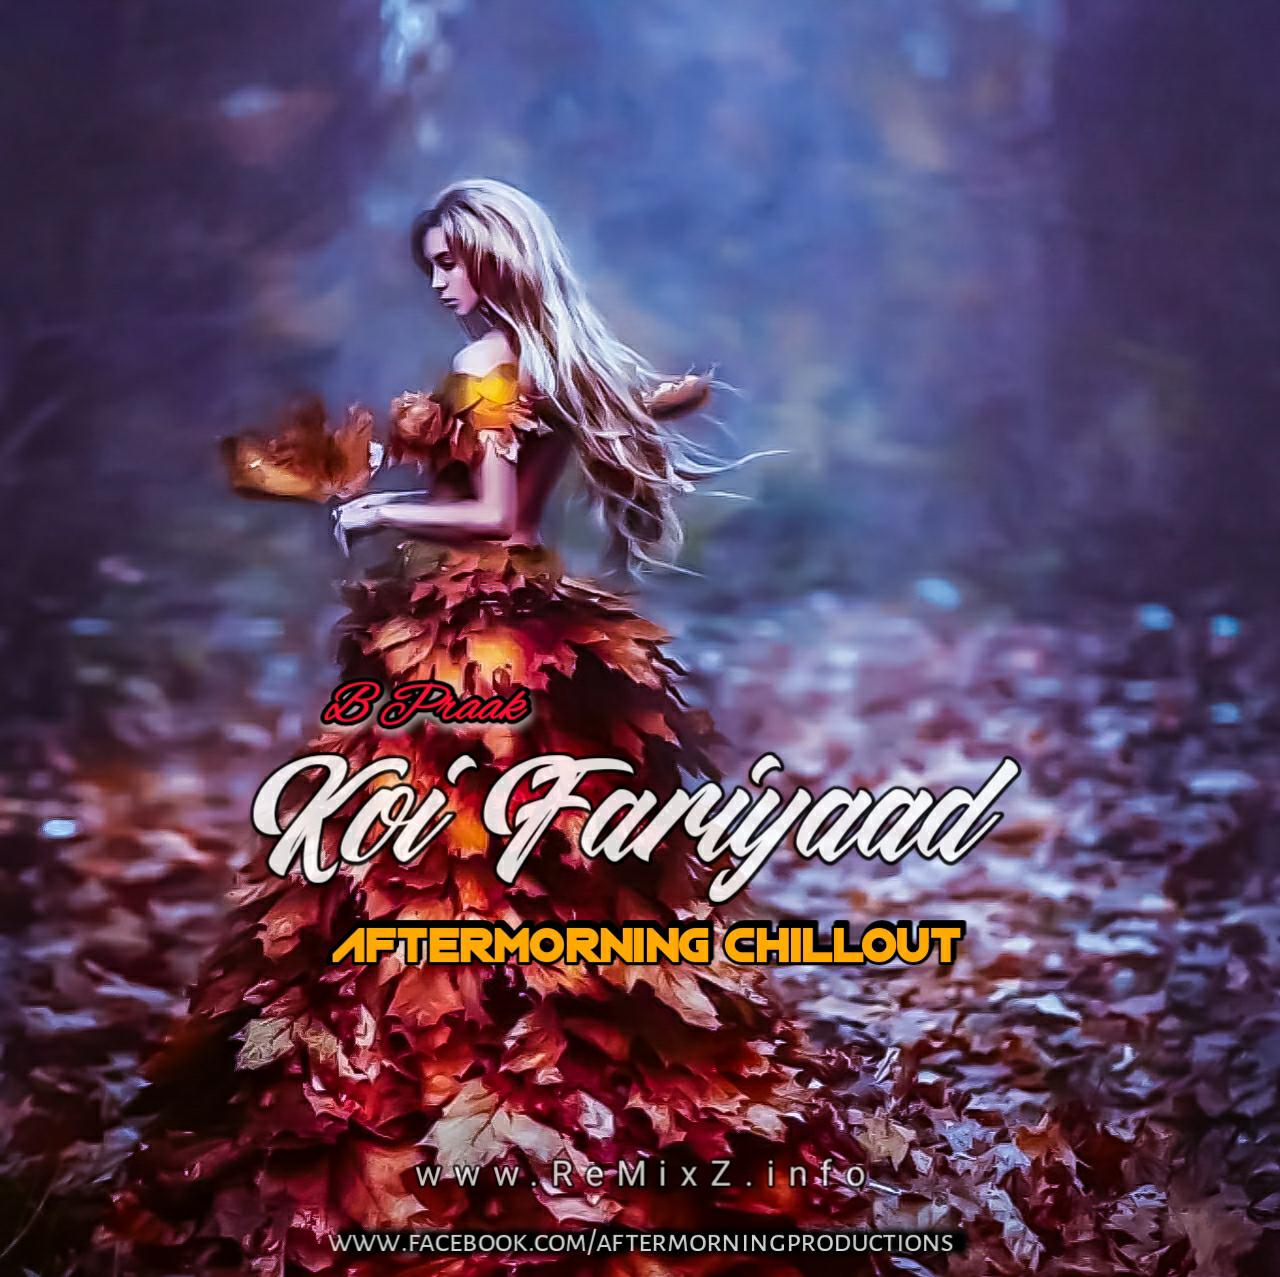 Koi-Fariyaad-BPraak-Aftermorning-Chillout-Mashup.jpg